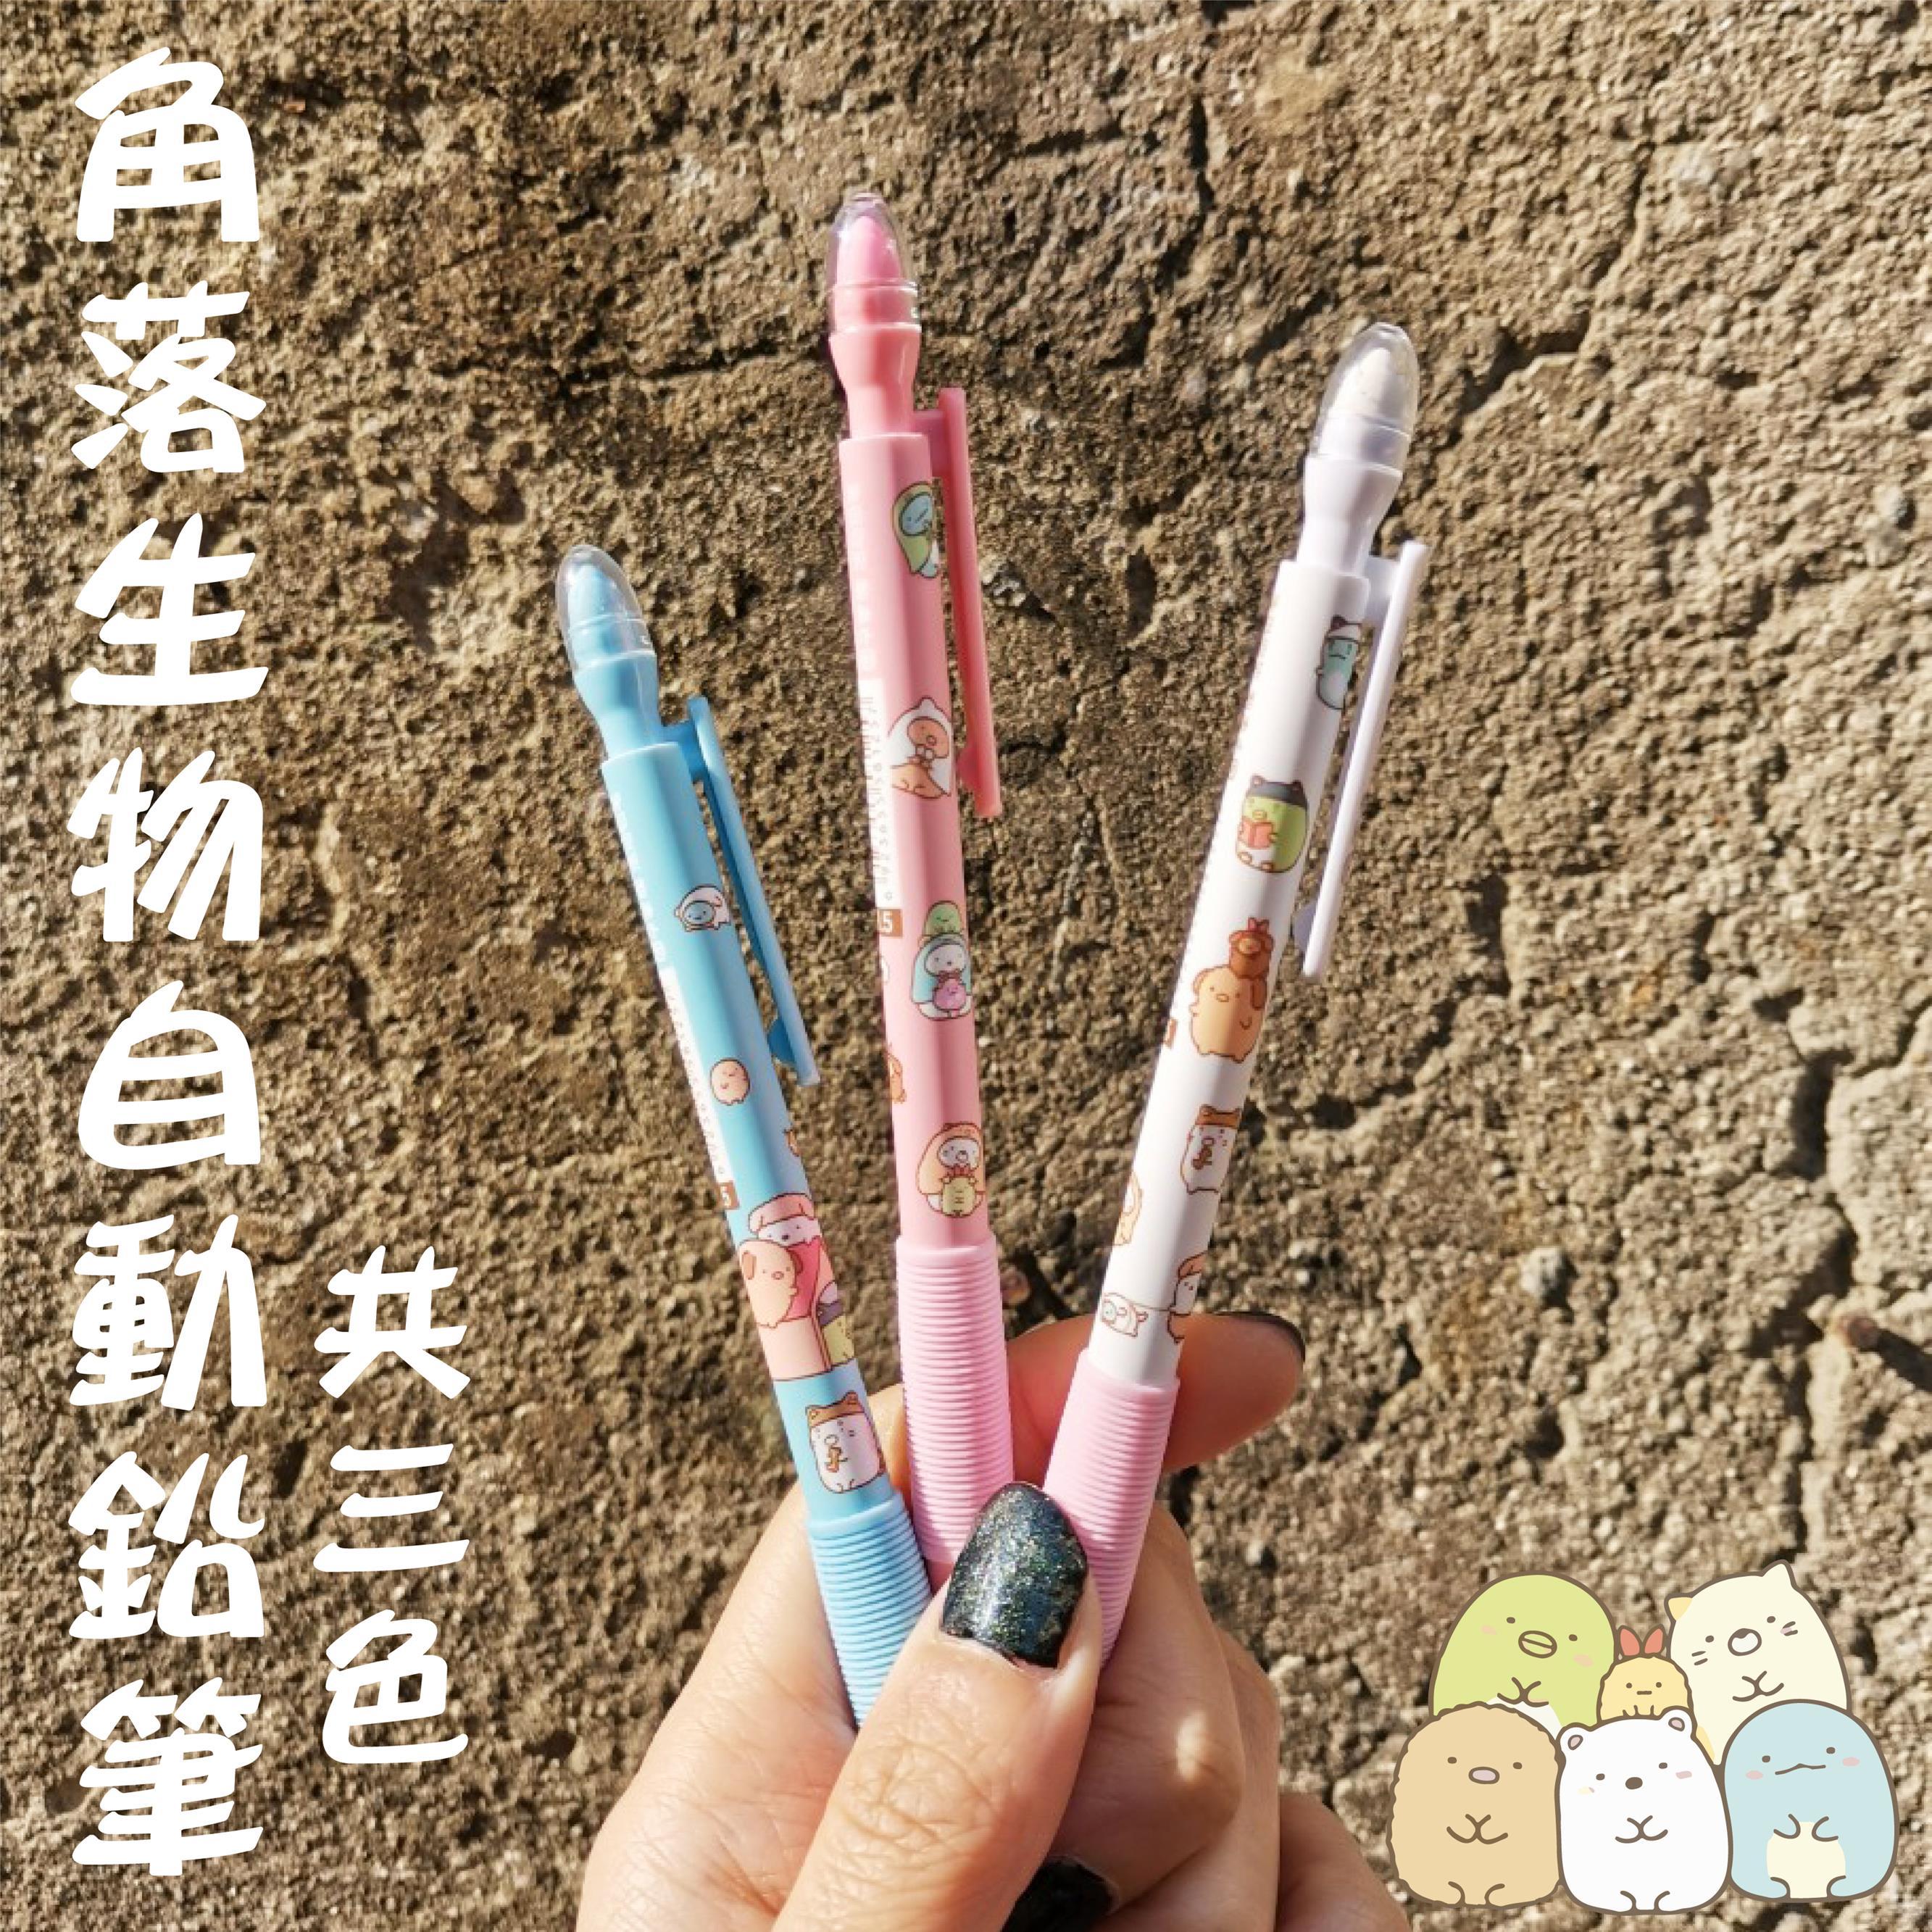 【台灣現貨】角落生物自動鉛筆 墻角生物自動筆 白熊 企鵝? 恐龍 豬排 共3色 - BSP0092002 包棧